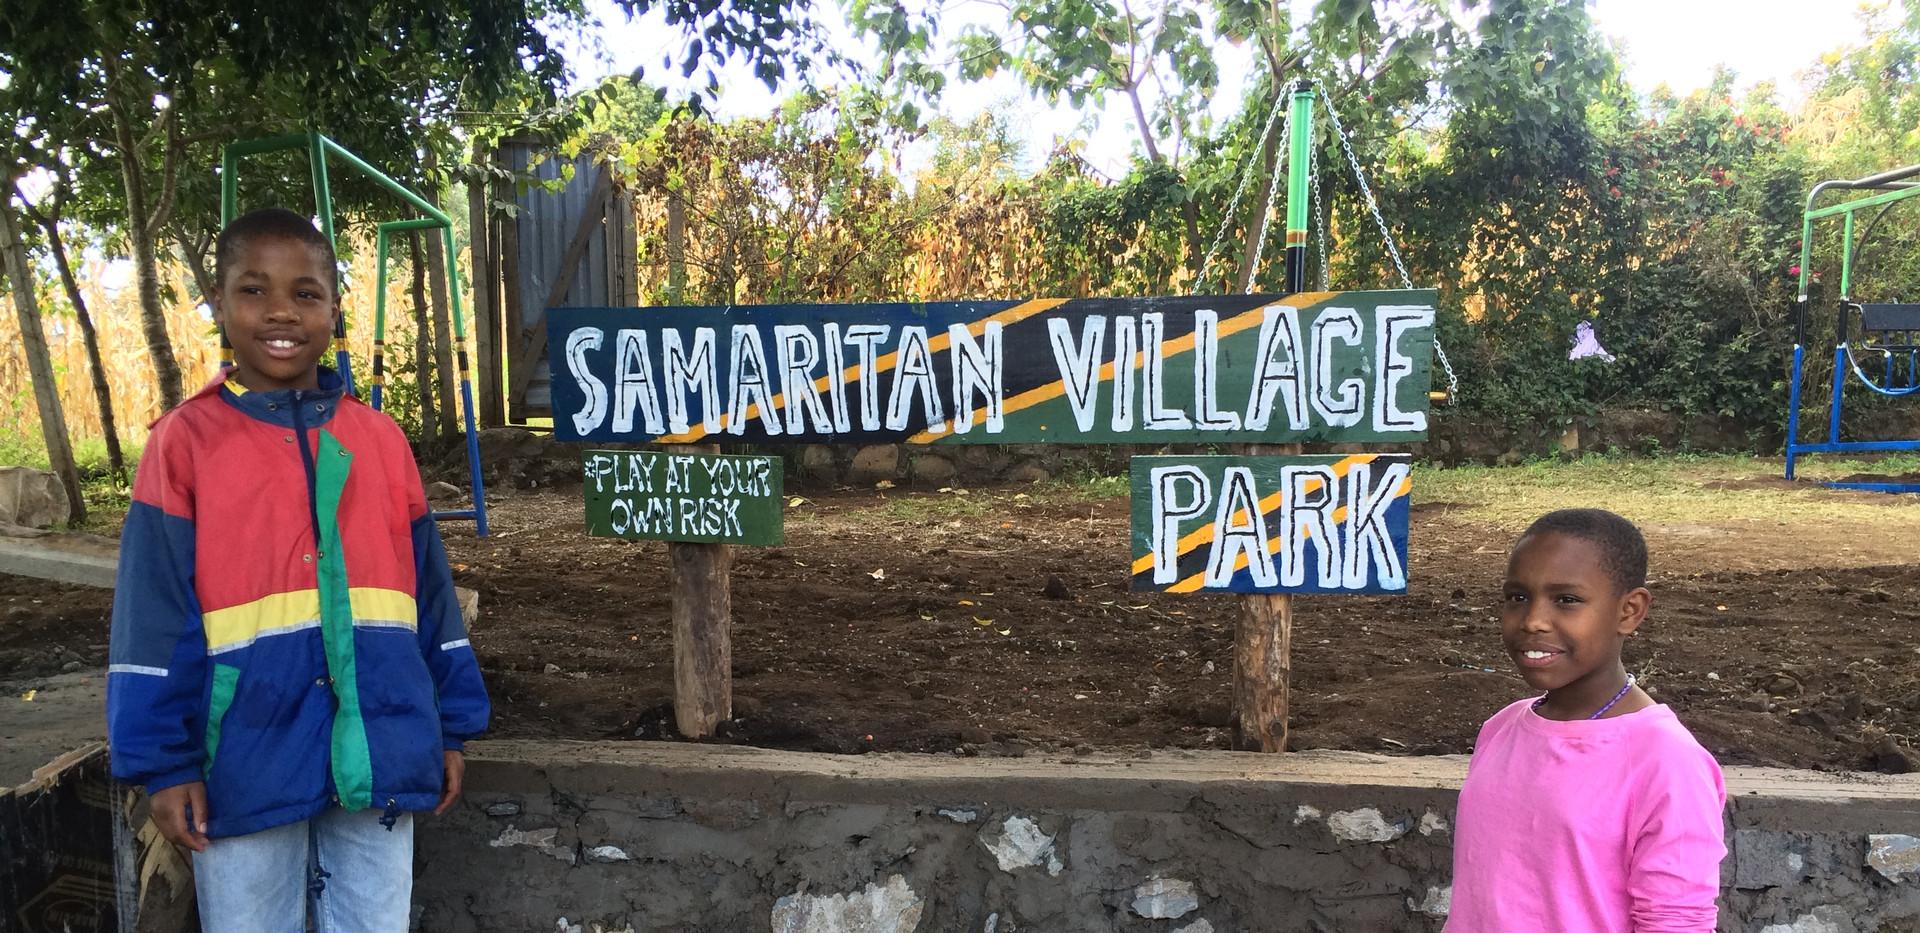 Samaritan Village Park